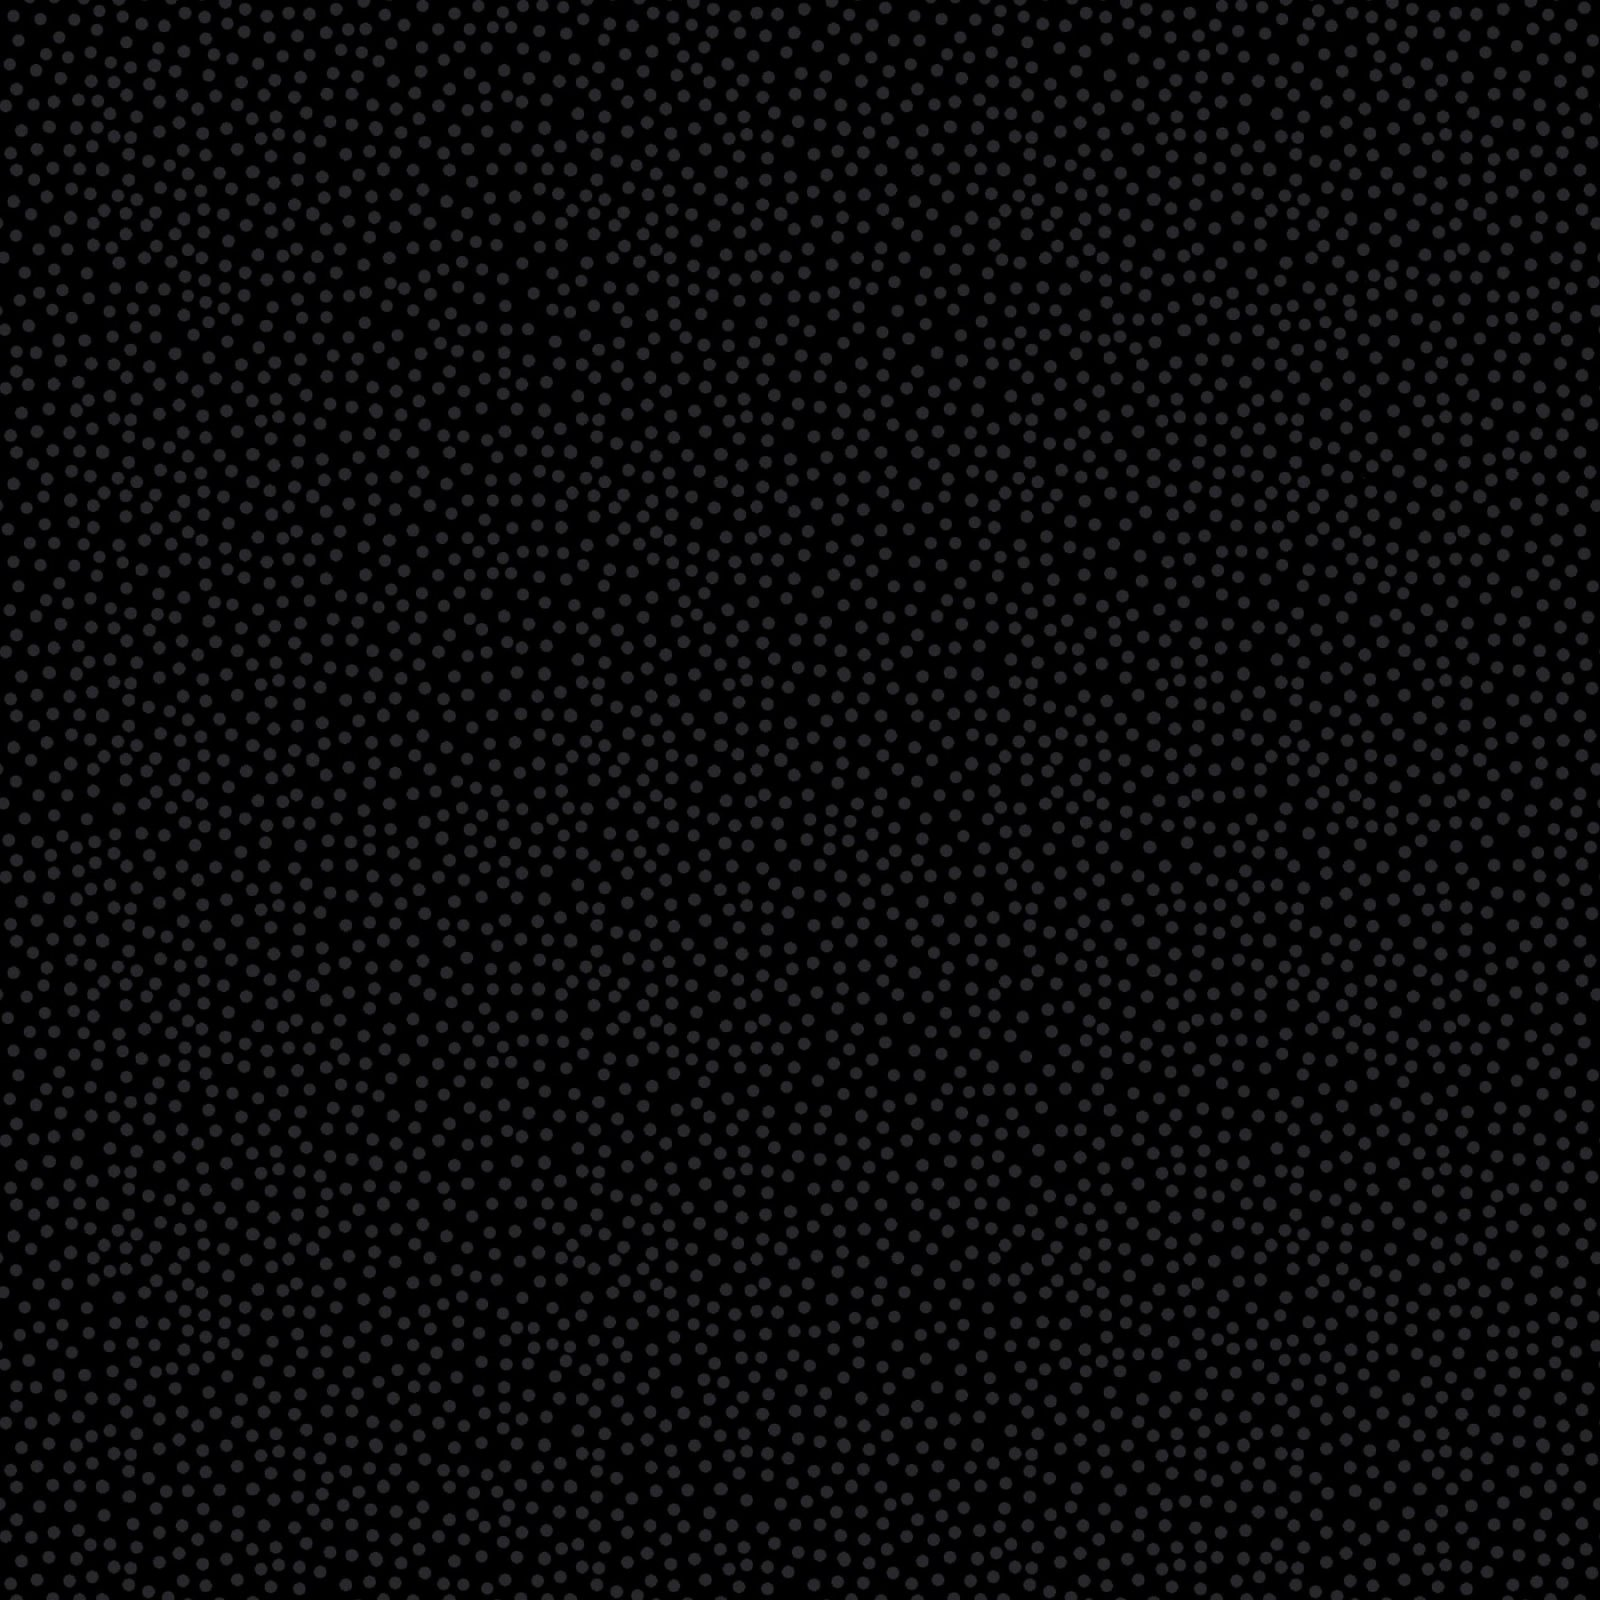 MEADOW EDGE BLENDER DOT BLACK